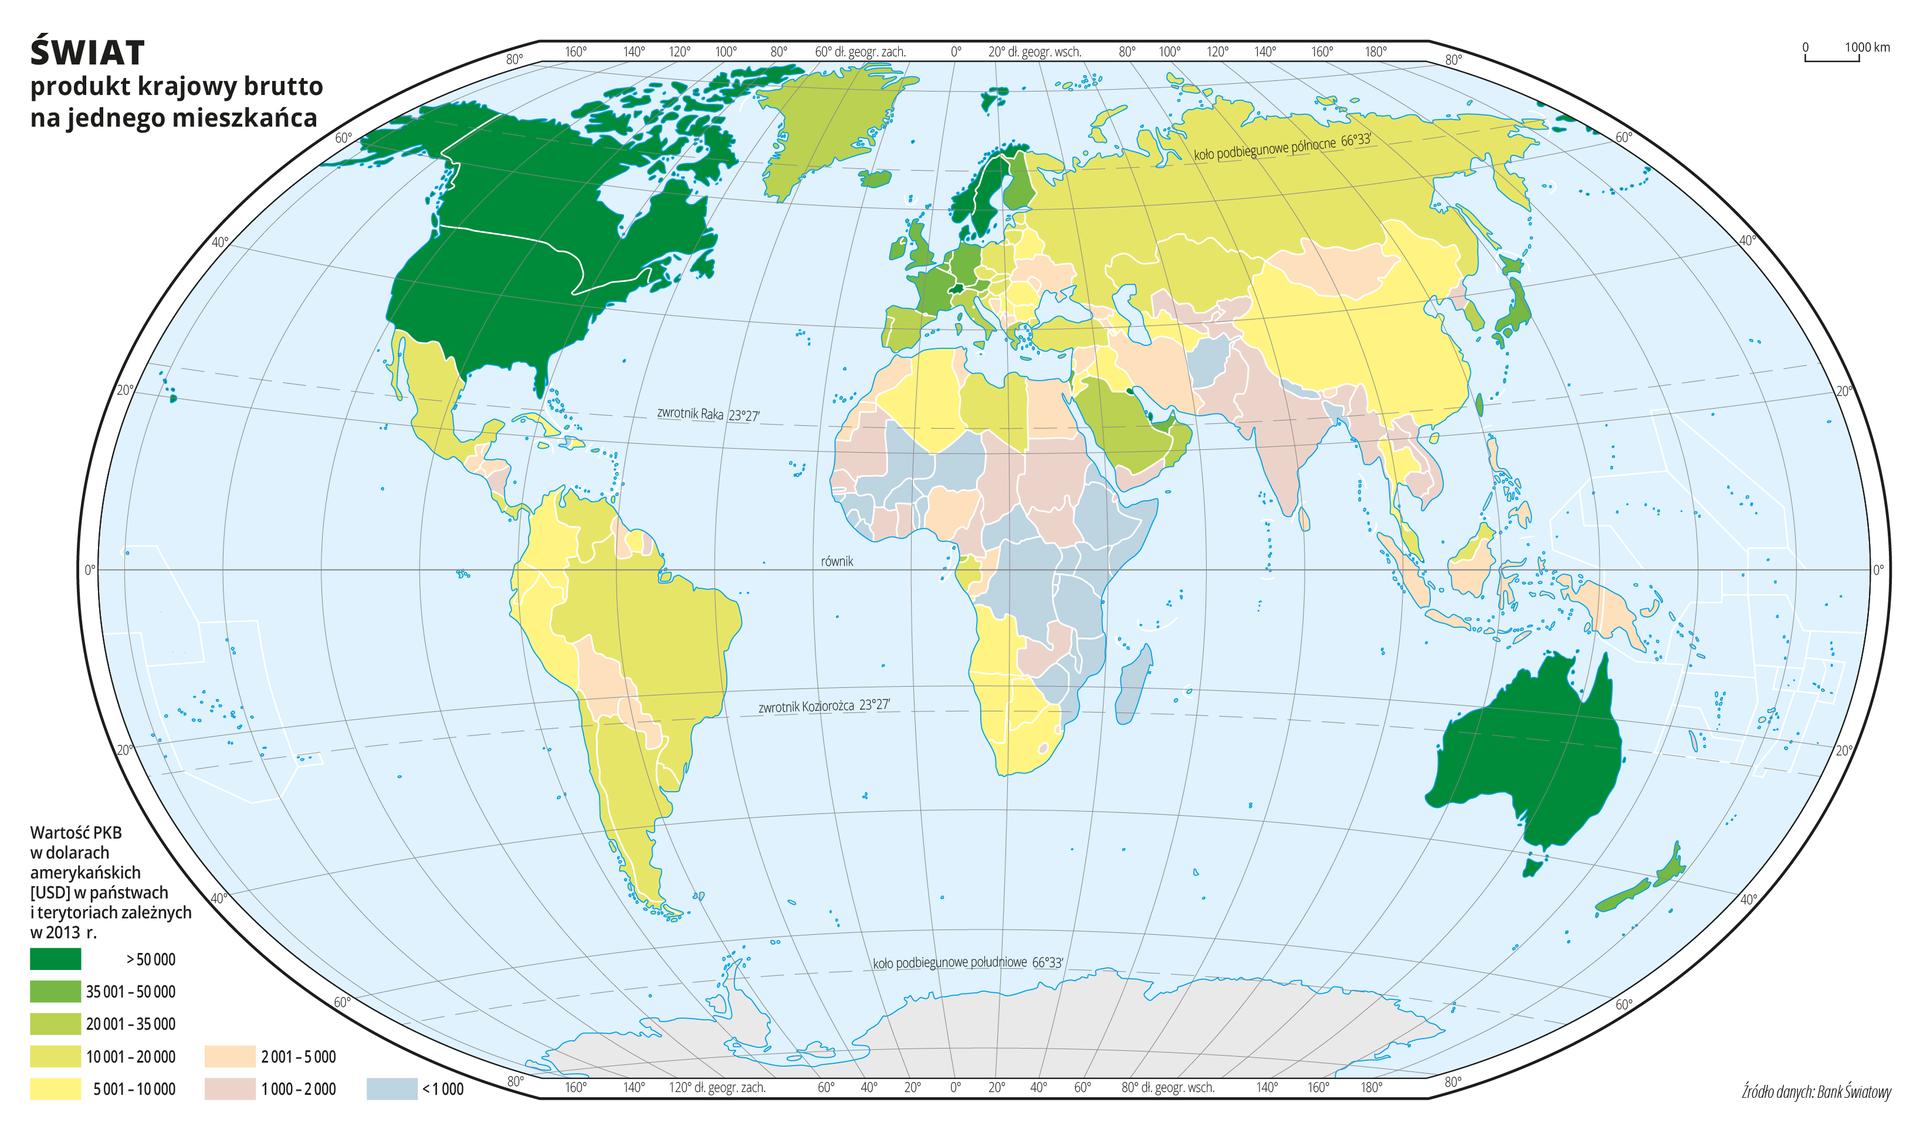 Ilustracja przedstawia mapę świata. Wody zaznaczono kolorem niebieskim. Na mapie za pomocą kolorów przedstawiono produkt krajowy brutto wdolarach amerykańskich na jednego mieszkańca wposzczególnych państwach wdwa tysiące trzynastym roku.Kolor ciemnozielony obrazuje wielkość produktu krajowego brutto powyżej pięćdziesięciu tysięcy dolarów amerykańskich na jednego mieszkańca iwystępuje wStanach Zjednoczonych, Kanadzie, Australii iSkandynawii. Jaśniejsze odcienie koloru zielonego występują wEuropie zachodniej (od dwudziestu do pięćdziesięciu tysięcy dolarów). Wschodnia część Europy, Ameryka Południowa iAzja wprzeważającej większości pokryte są odcieniami koloru żółtego (do pięciu do dwudziestu tysięcy dolarów). WAfryce iPołudniowej części Azji występuje kolor różowy iniebieski odzwierciedlające bardzo niskie wartości produktu krajowego brutto – poniżej pięciu tysięcy dolarów amerykańskich (kolor niebieski –poniżej jednego tysiąca dolarów).Mapa pokryta jest równoleżnikami ipołudnikami. Dookoła mapy wbiałej ramce opisano współrzędne geograficzne co dwadzieścia stopni. Na dole mapy narysowano osiem kolorowych prostokątów iopisano jaką wielkość produktu krajowego brutto wdolarach amerykańskich na jednego mieszkańca wposzczególnych państwach wdwa tysiące trzynastym roku obrazuje każdy kolor.